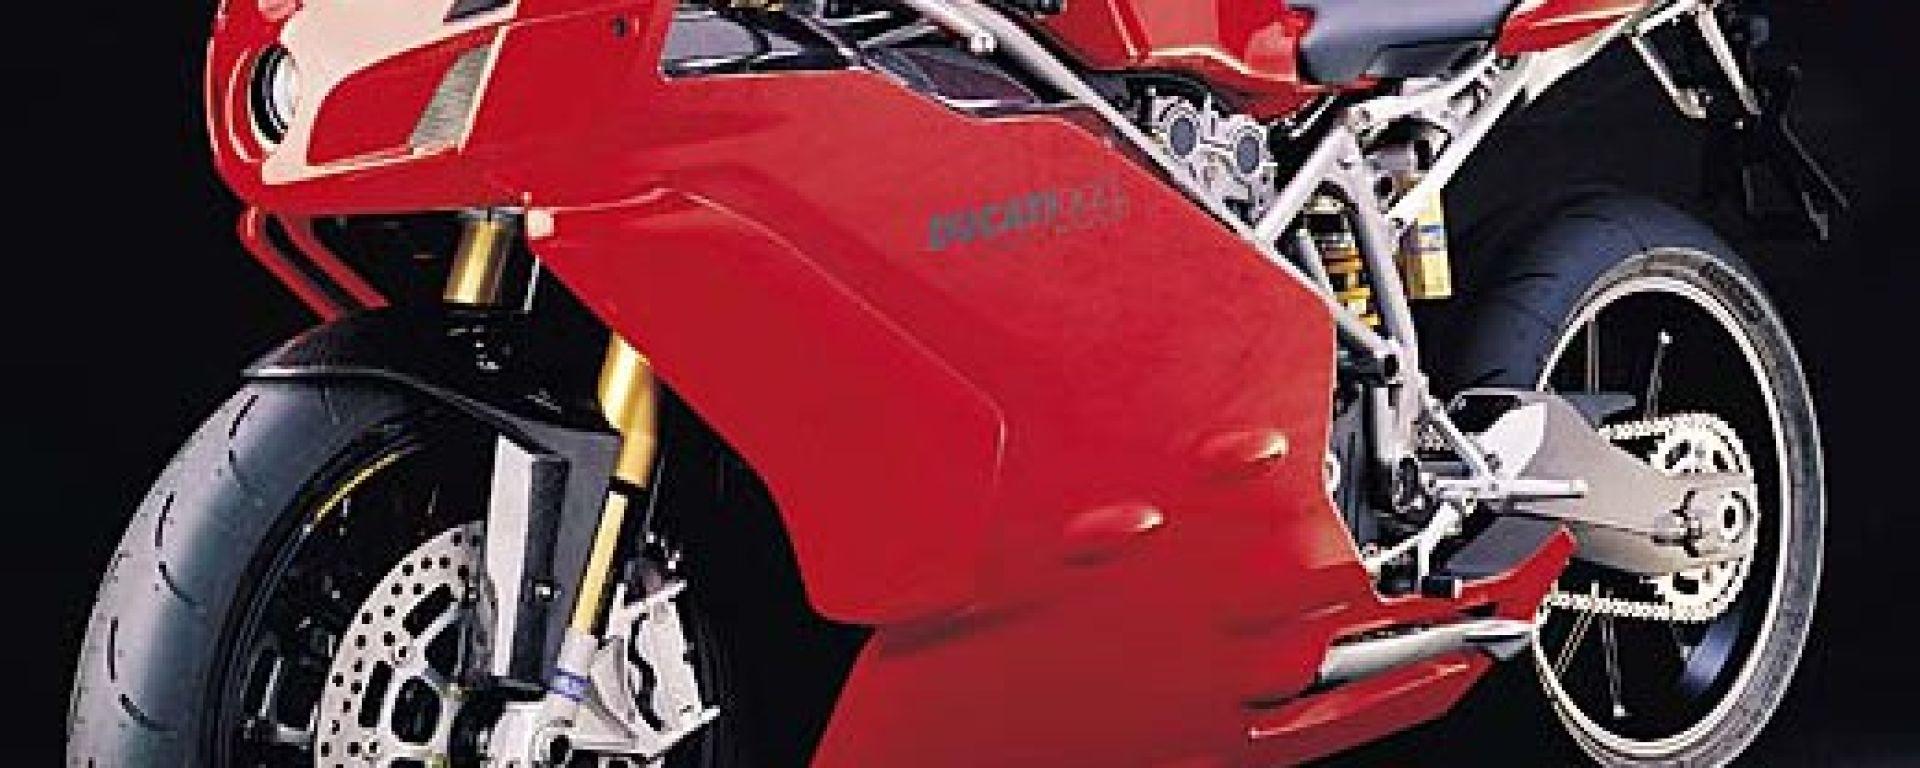 Anteprima: Ducati 999R